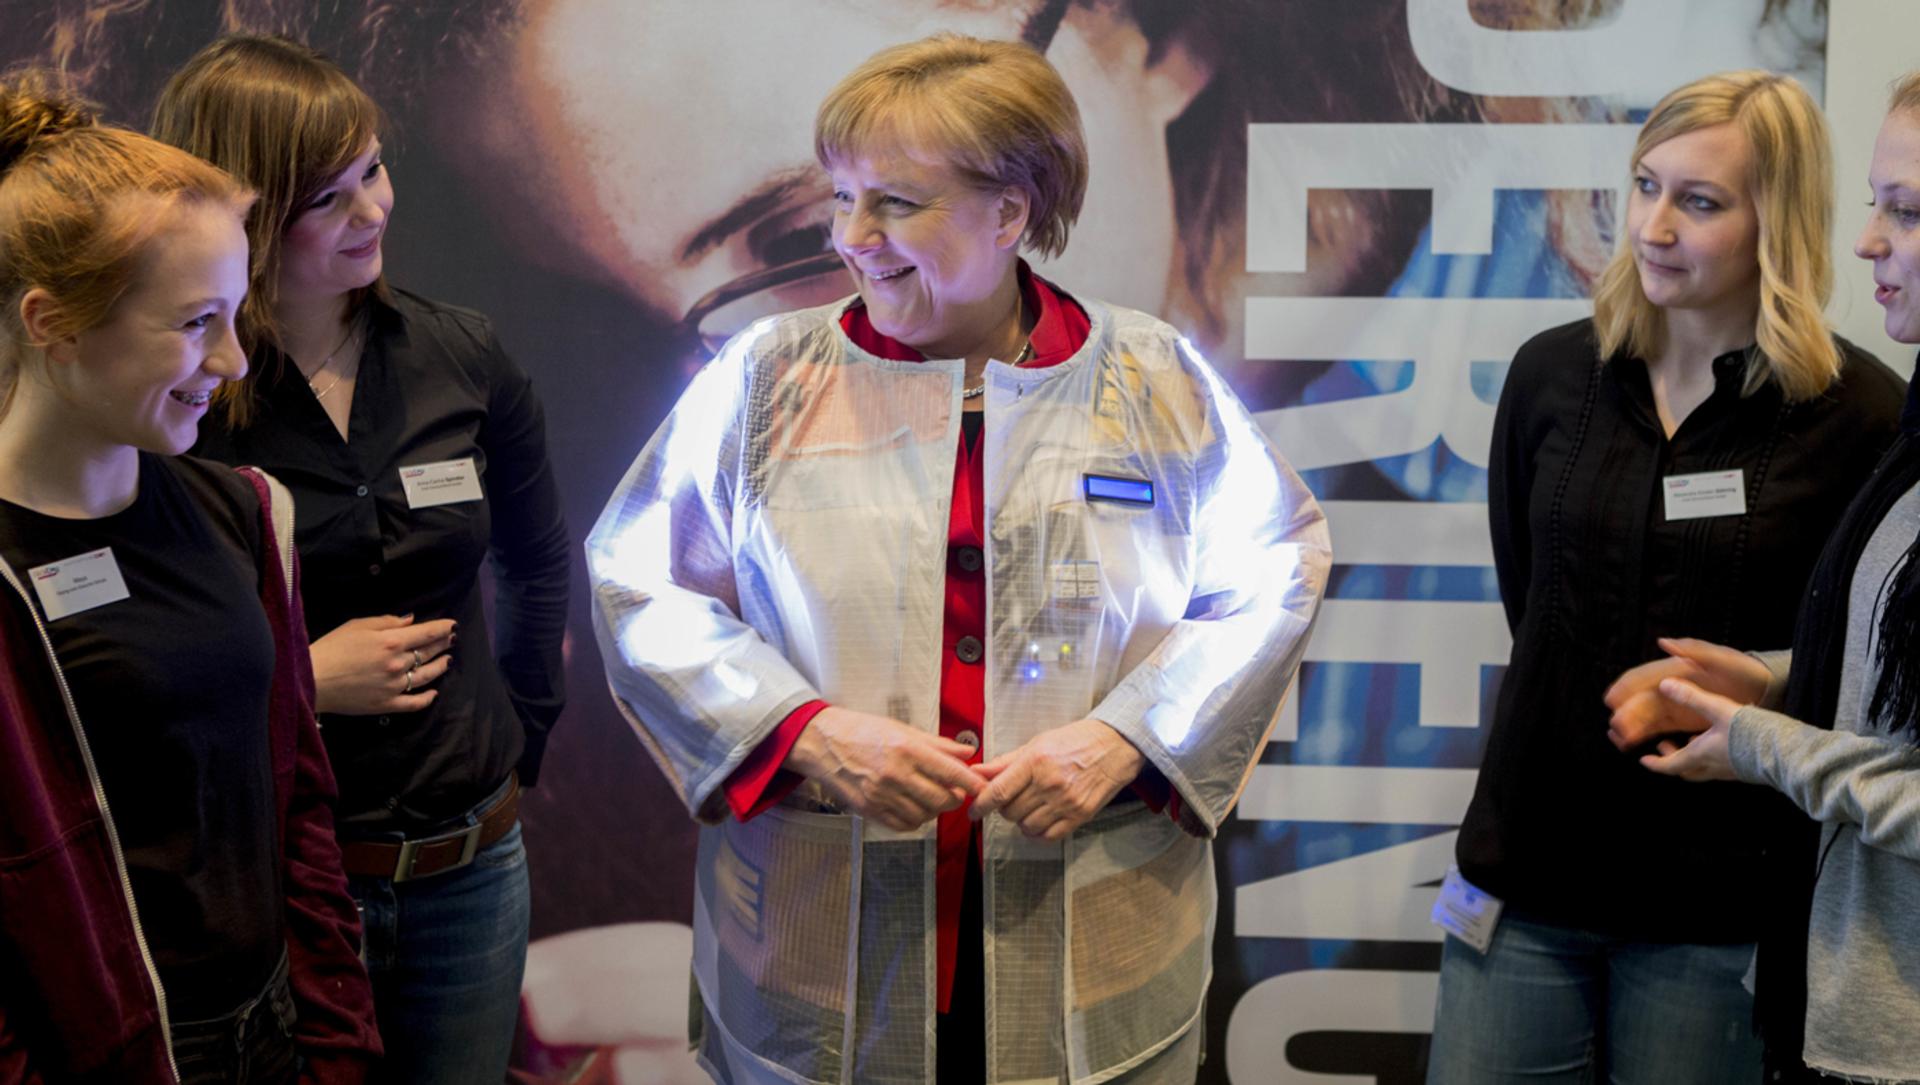 Bundeskanzlerin Angela Merkel mit jungen Frauen beim Girls'Day-Auftakt